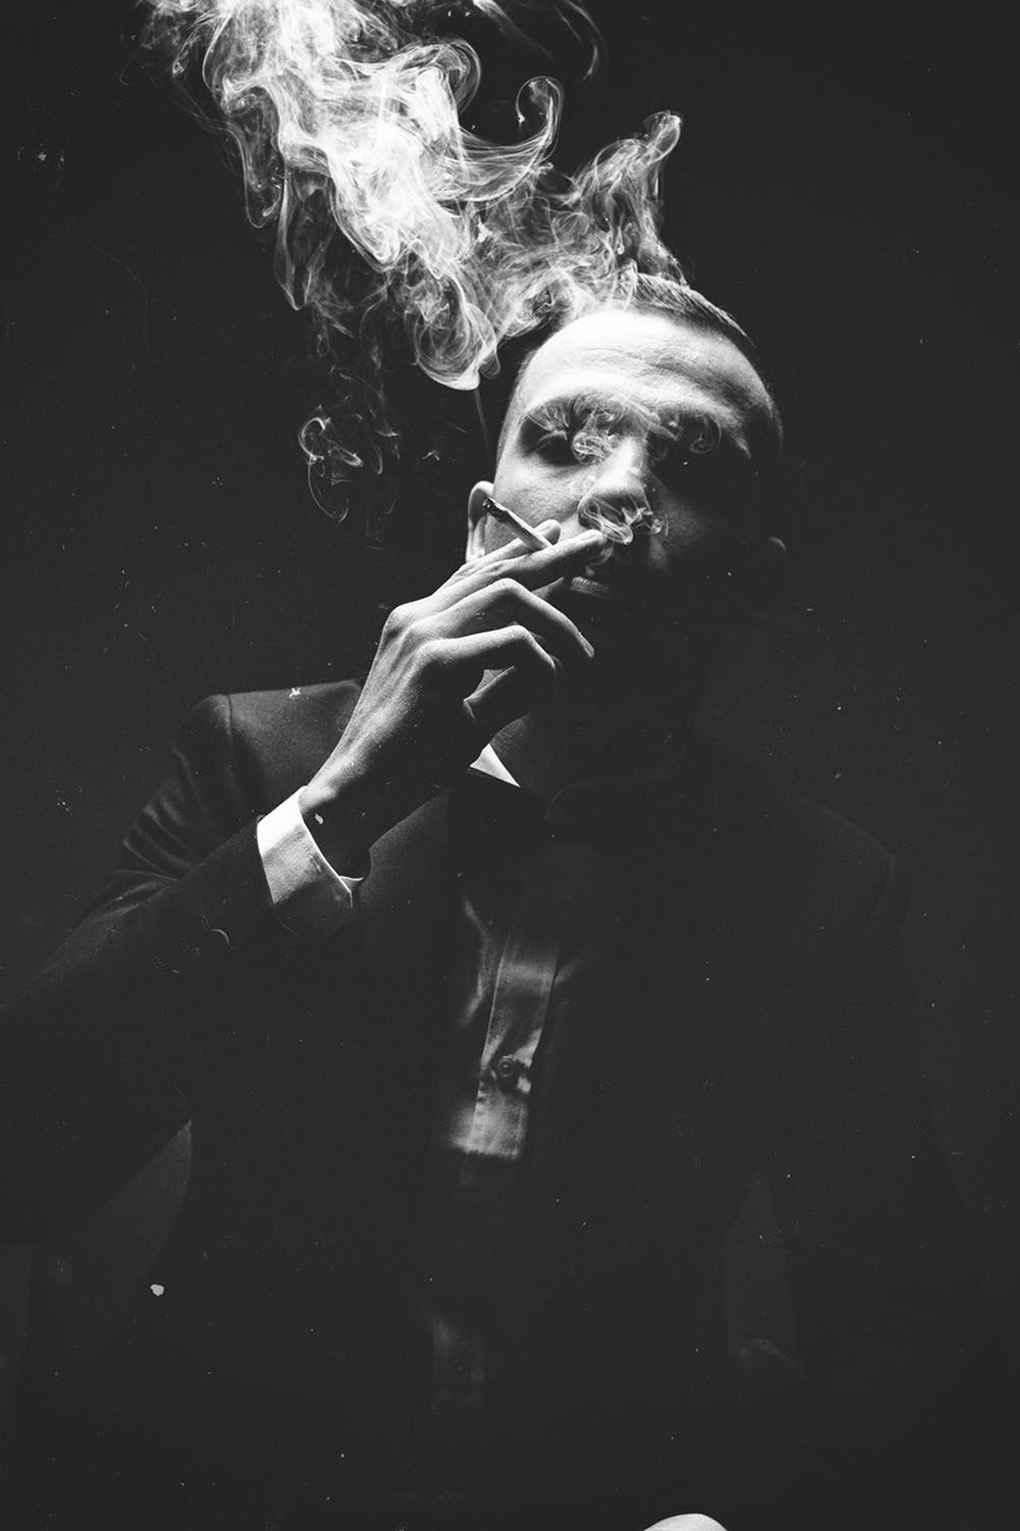 عکس سیگار غمگین برای پروفایل , عکس سیگار مشکی , عکس نوشته سیگار غمگین